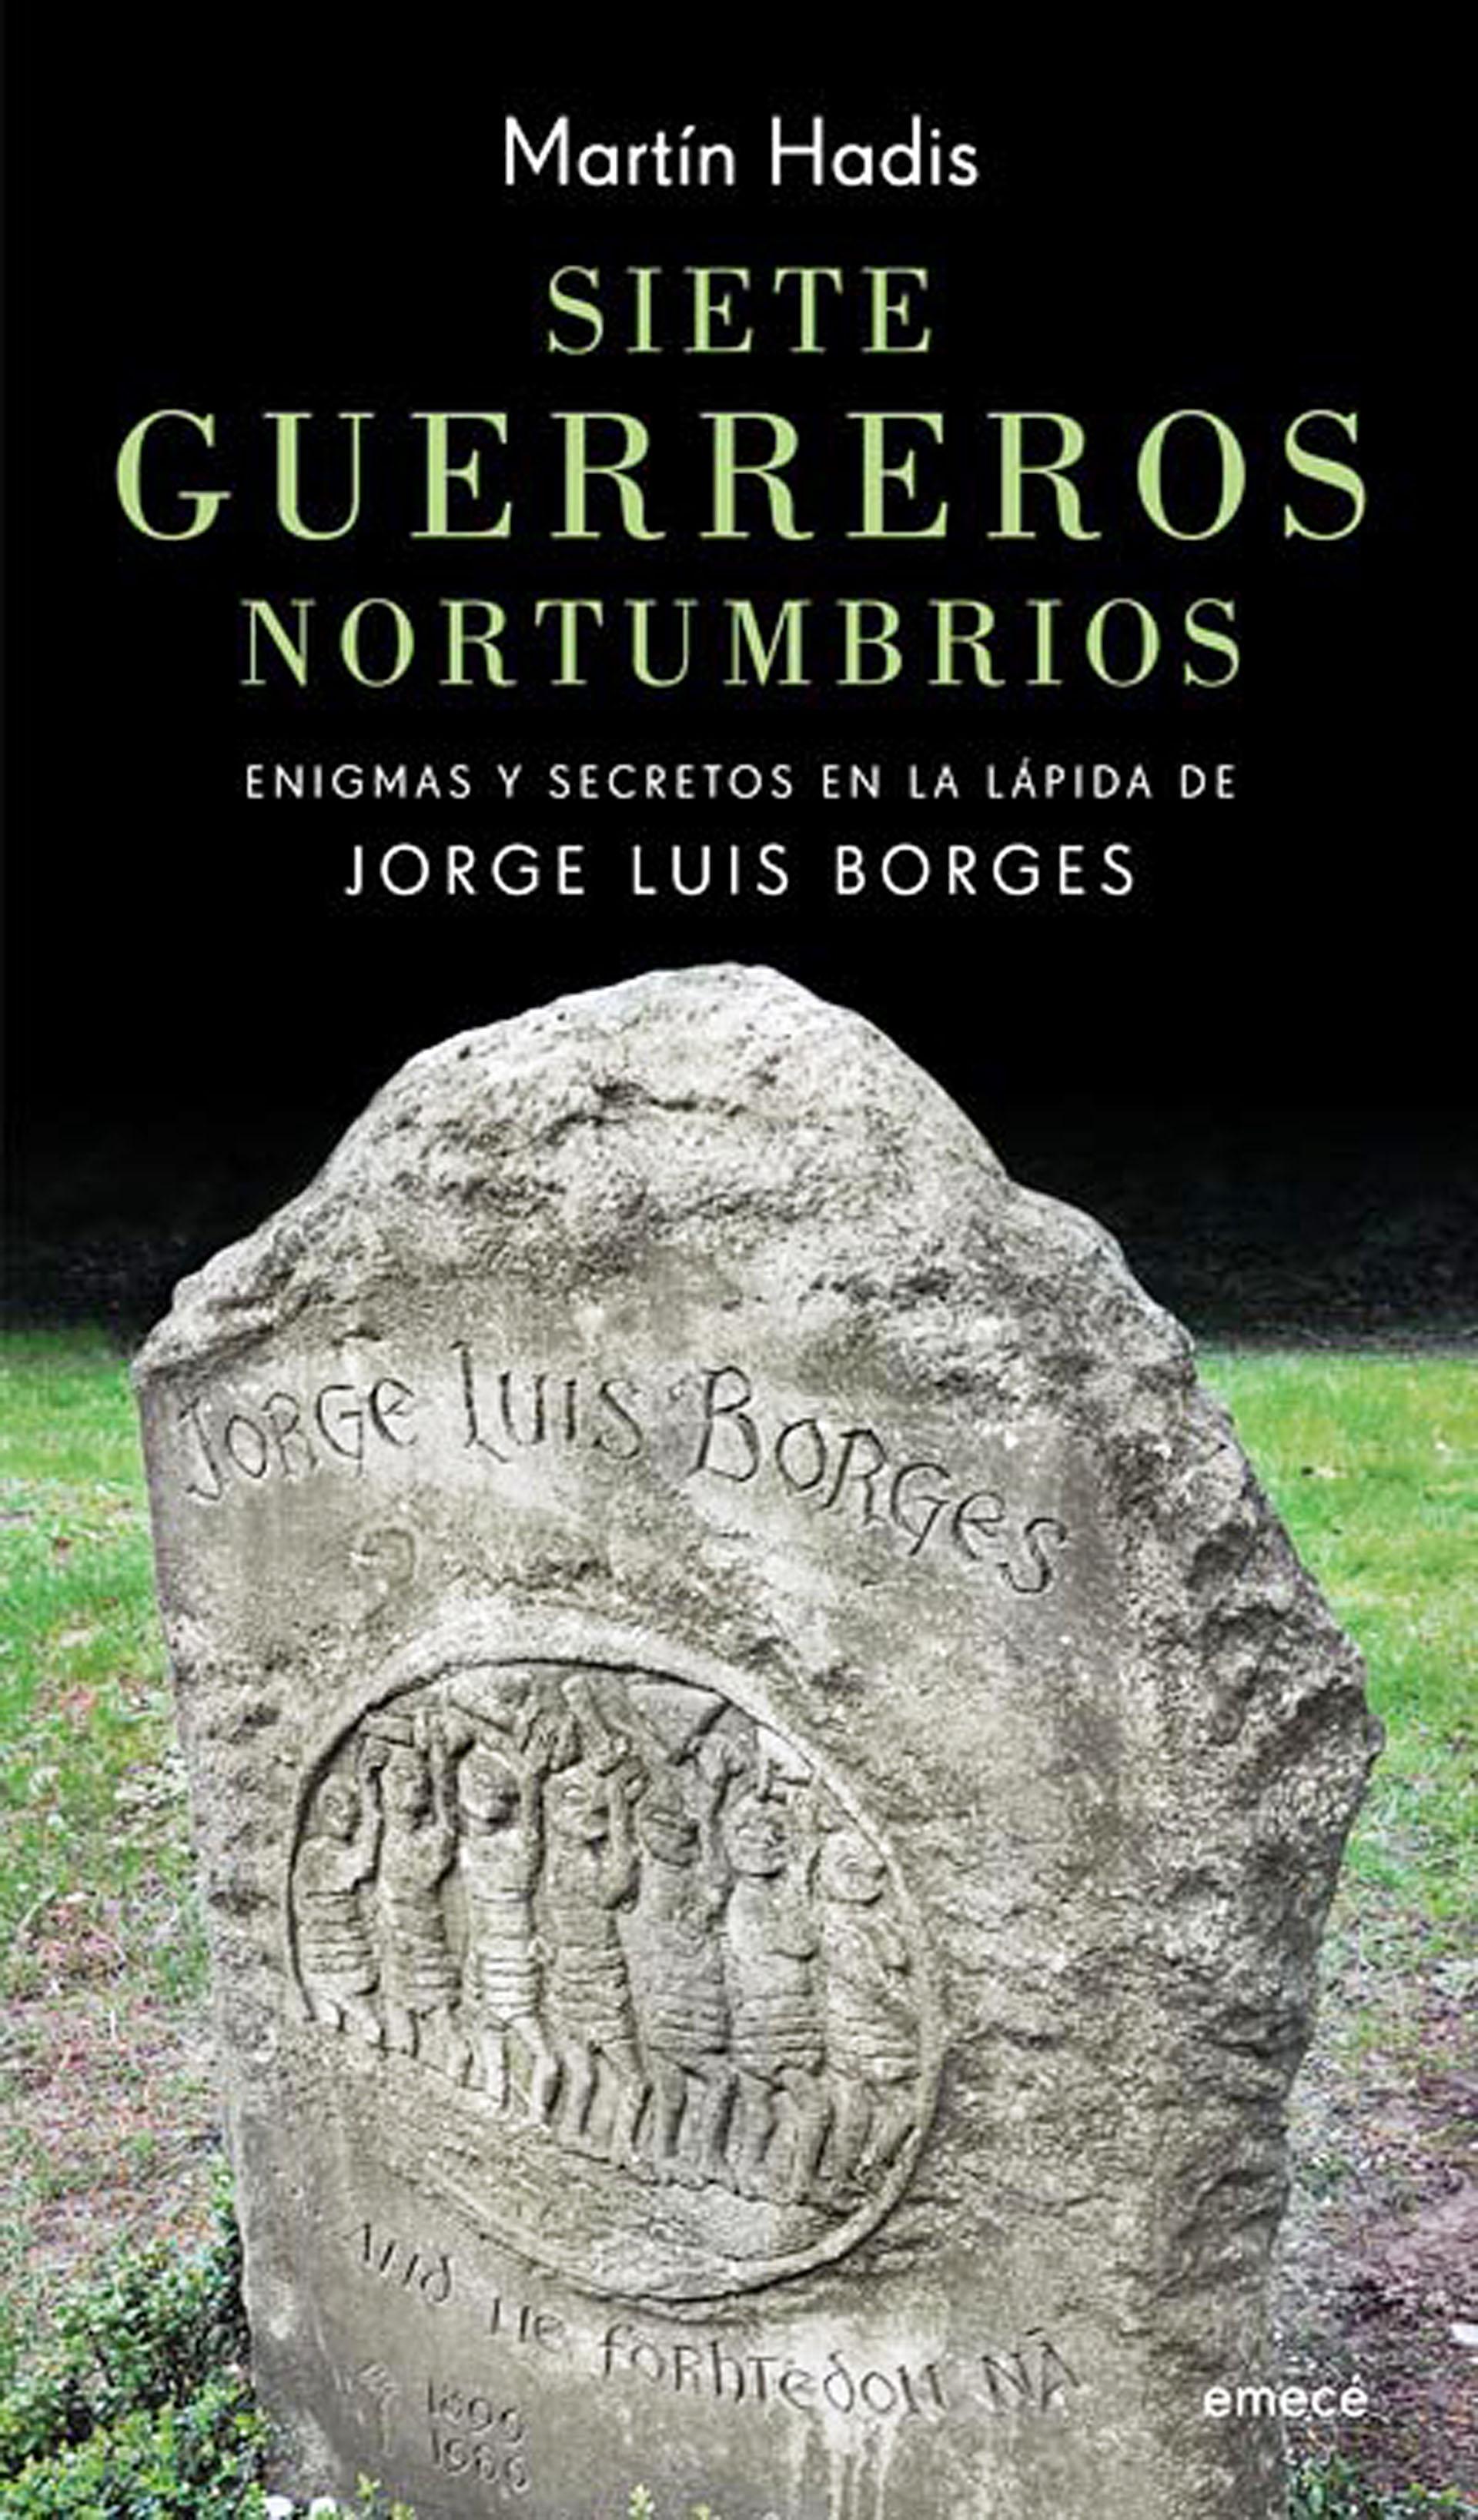 El libro en el que el filólogo Martín Hadis interpreta el sentido de las inscripciones en la lápida de Borges